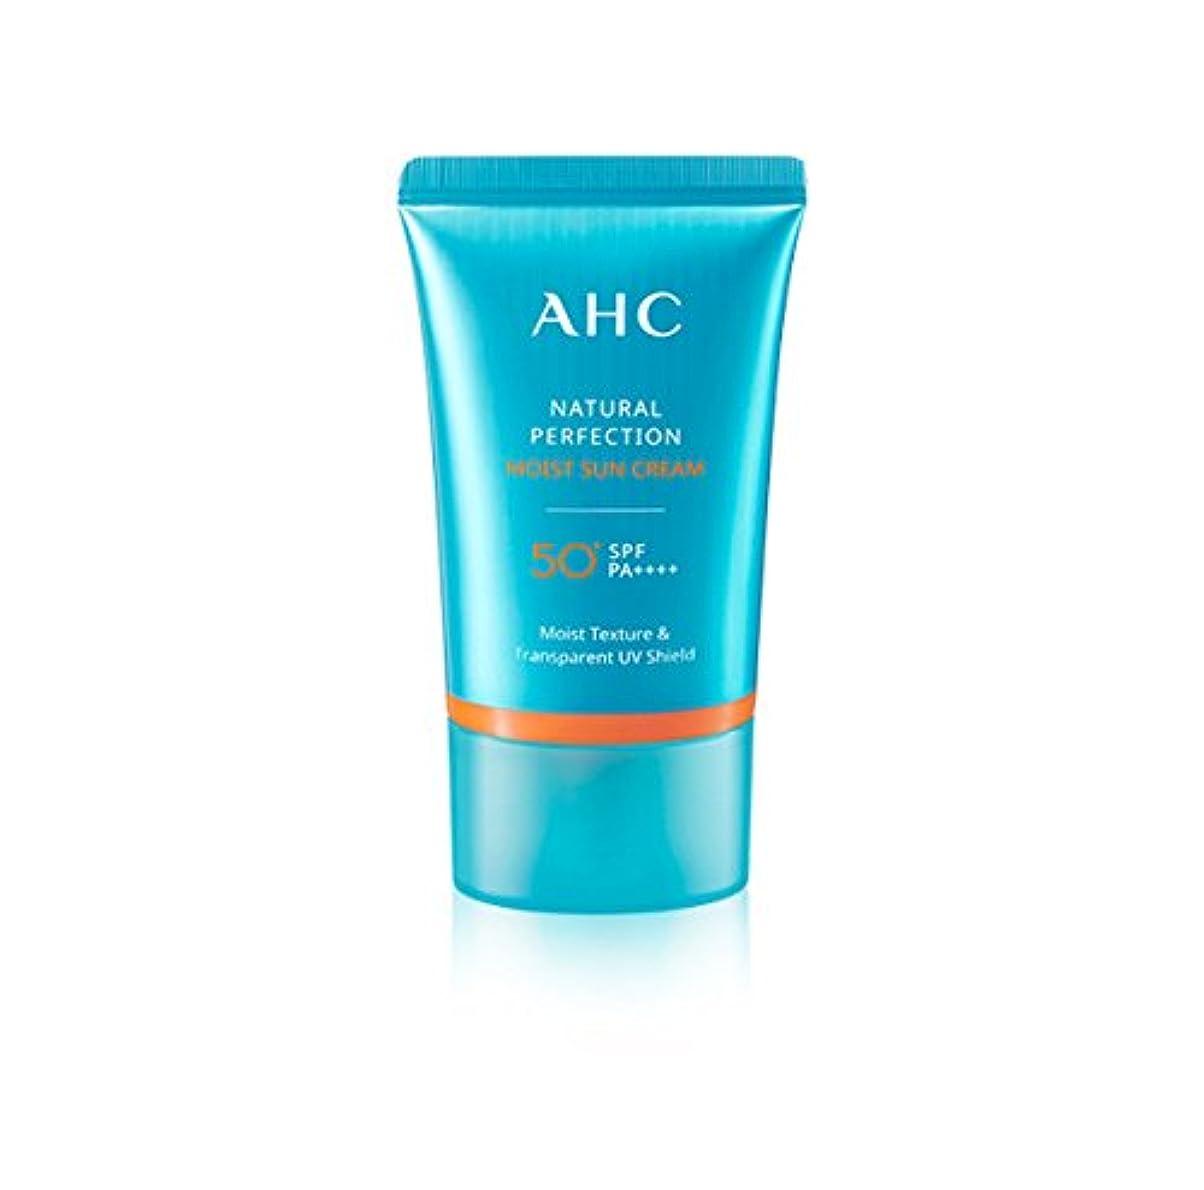 おもちゃ愚か公AHC Natural Perfection Moist Sun Cream 50ml/AHC ナチュラル パーフェクション モイスト サン クリーム 50ml [並行輸入品]